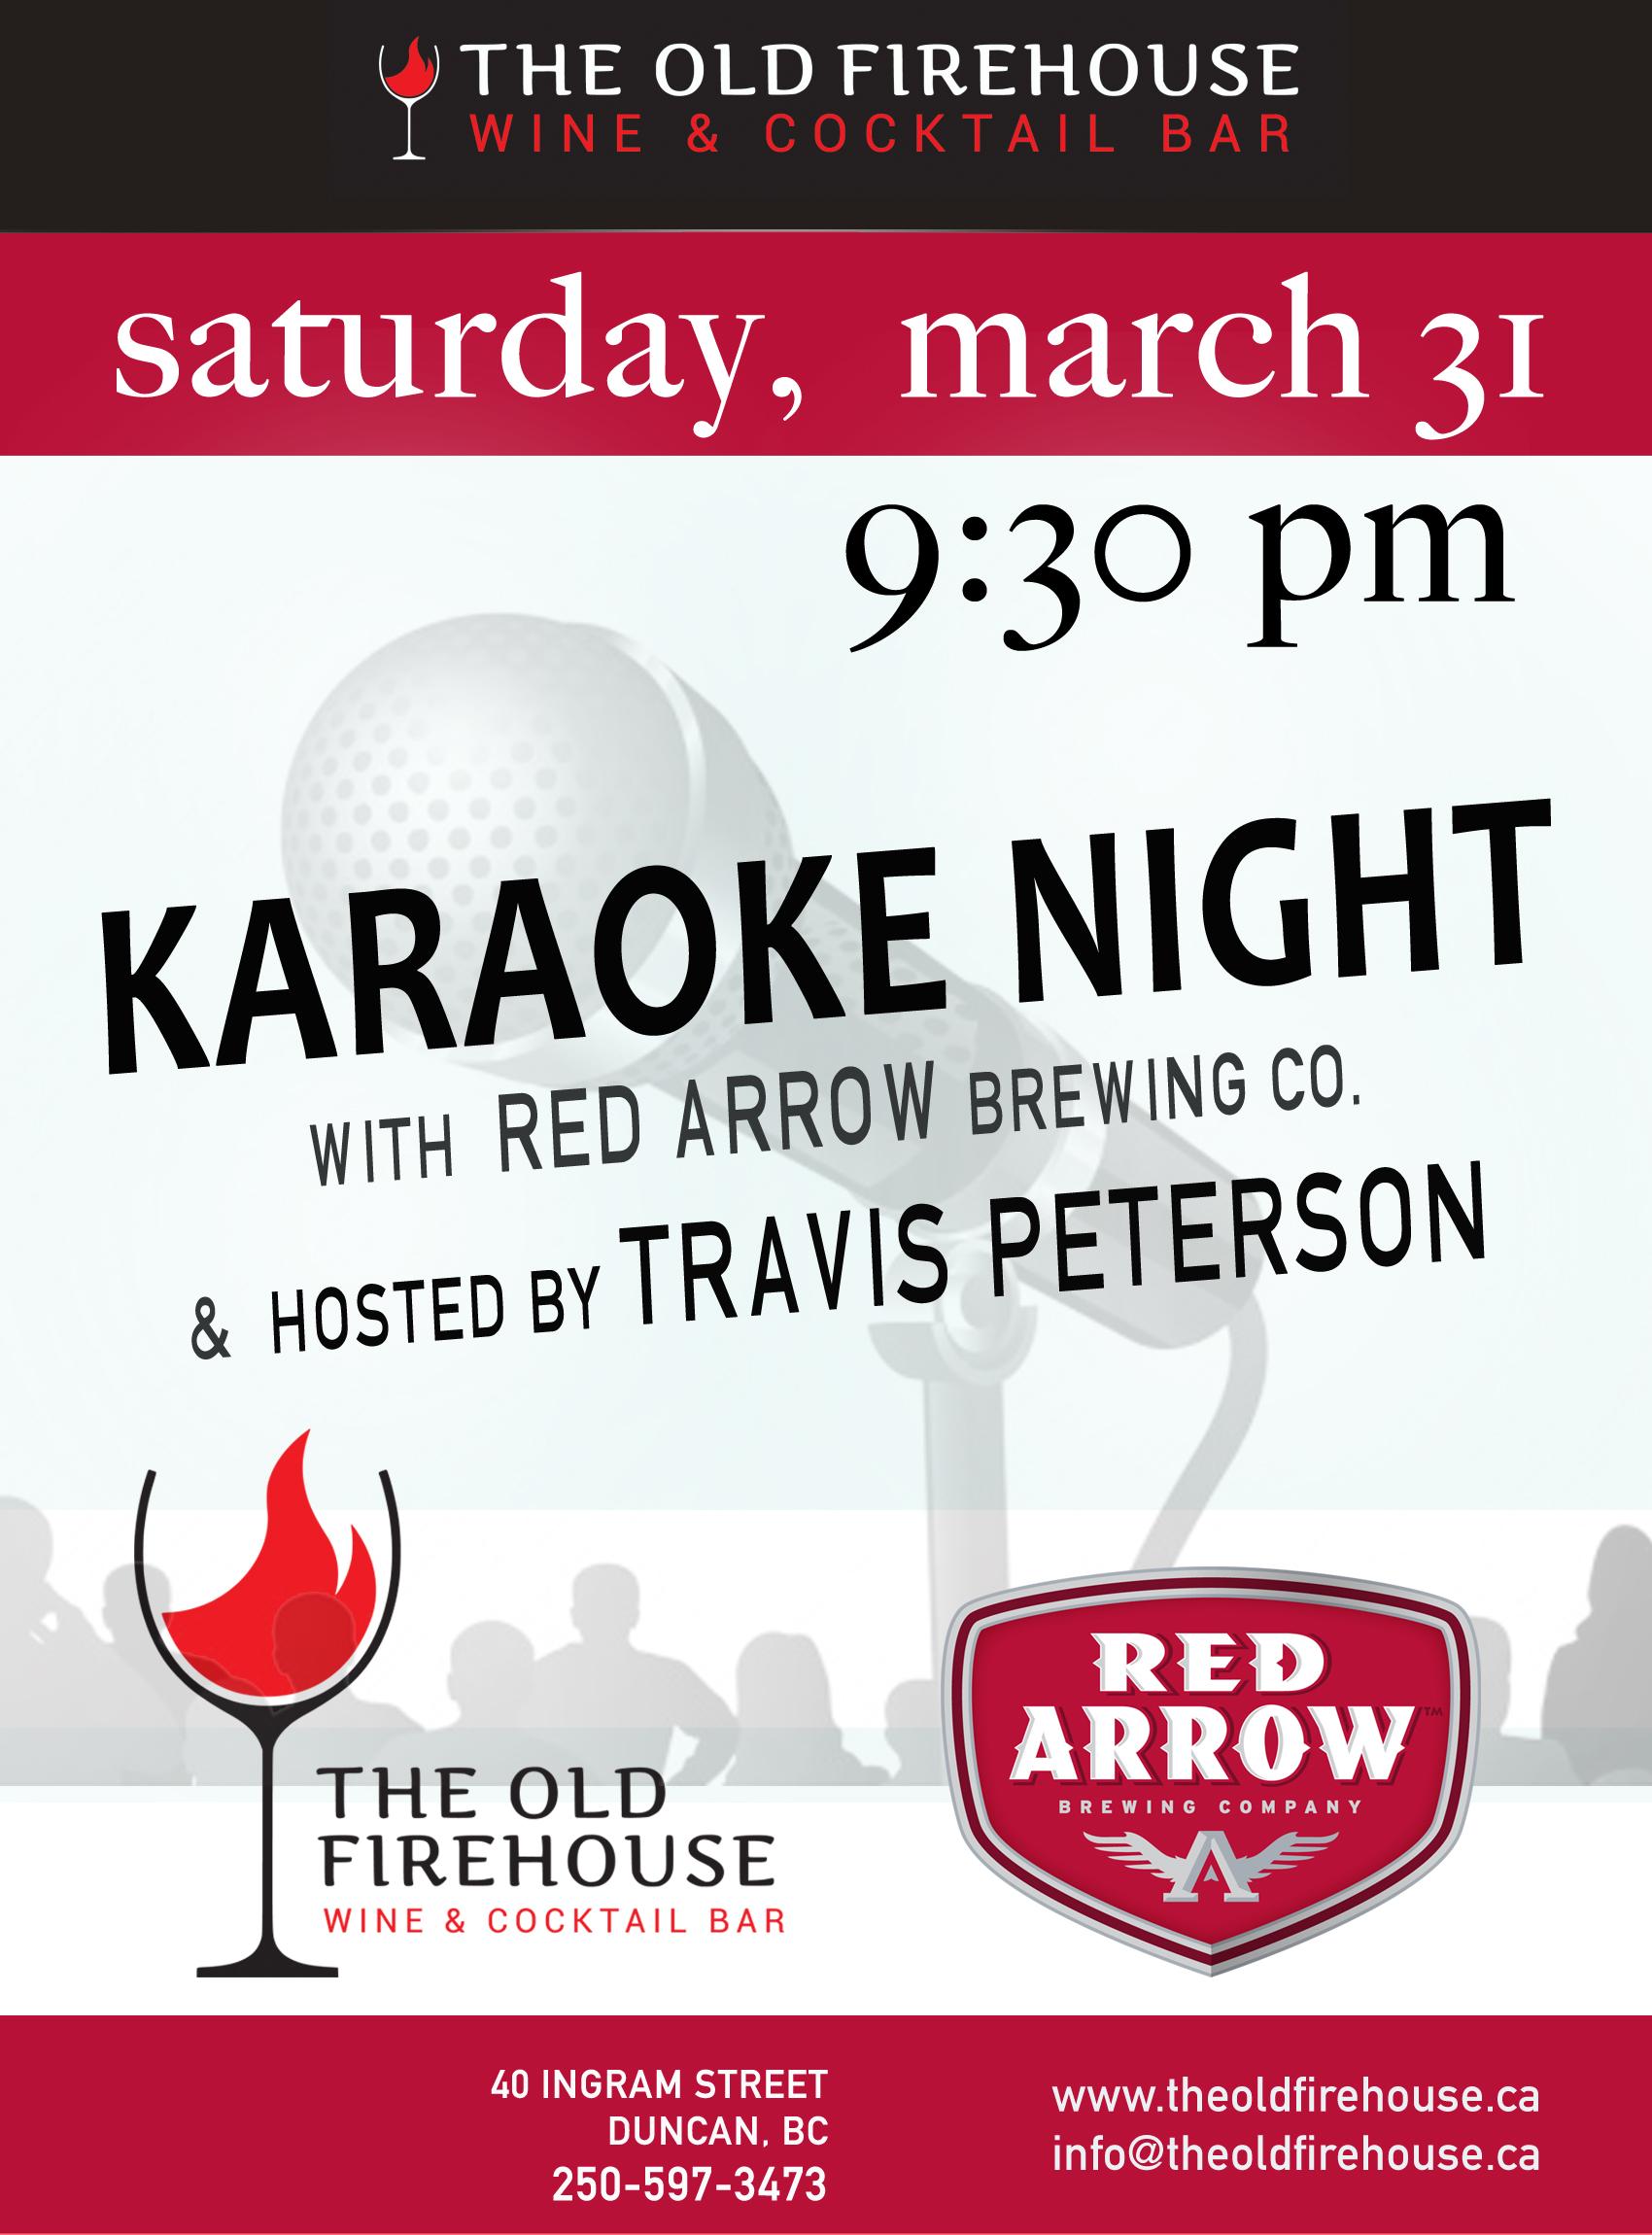 karaoke poster red arrowmarch 31-bw.jpg